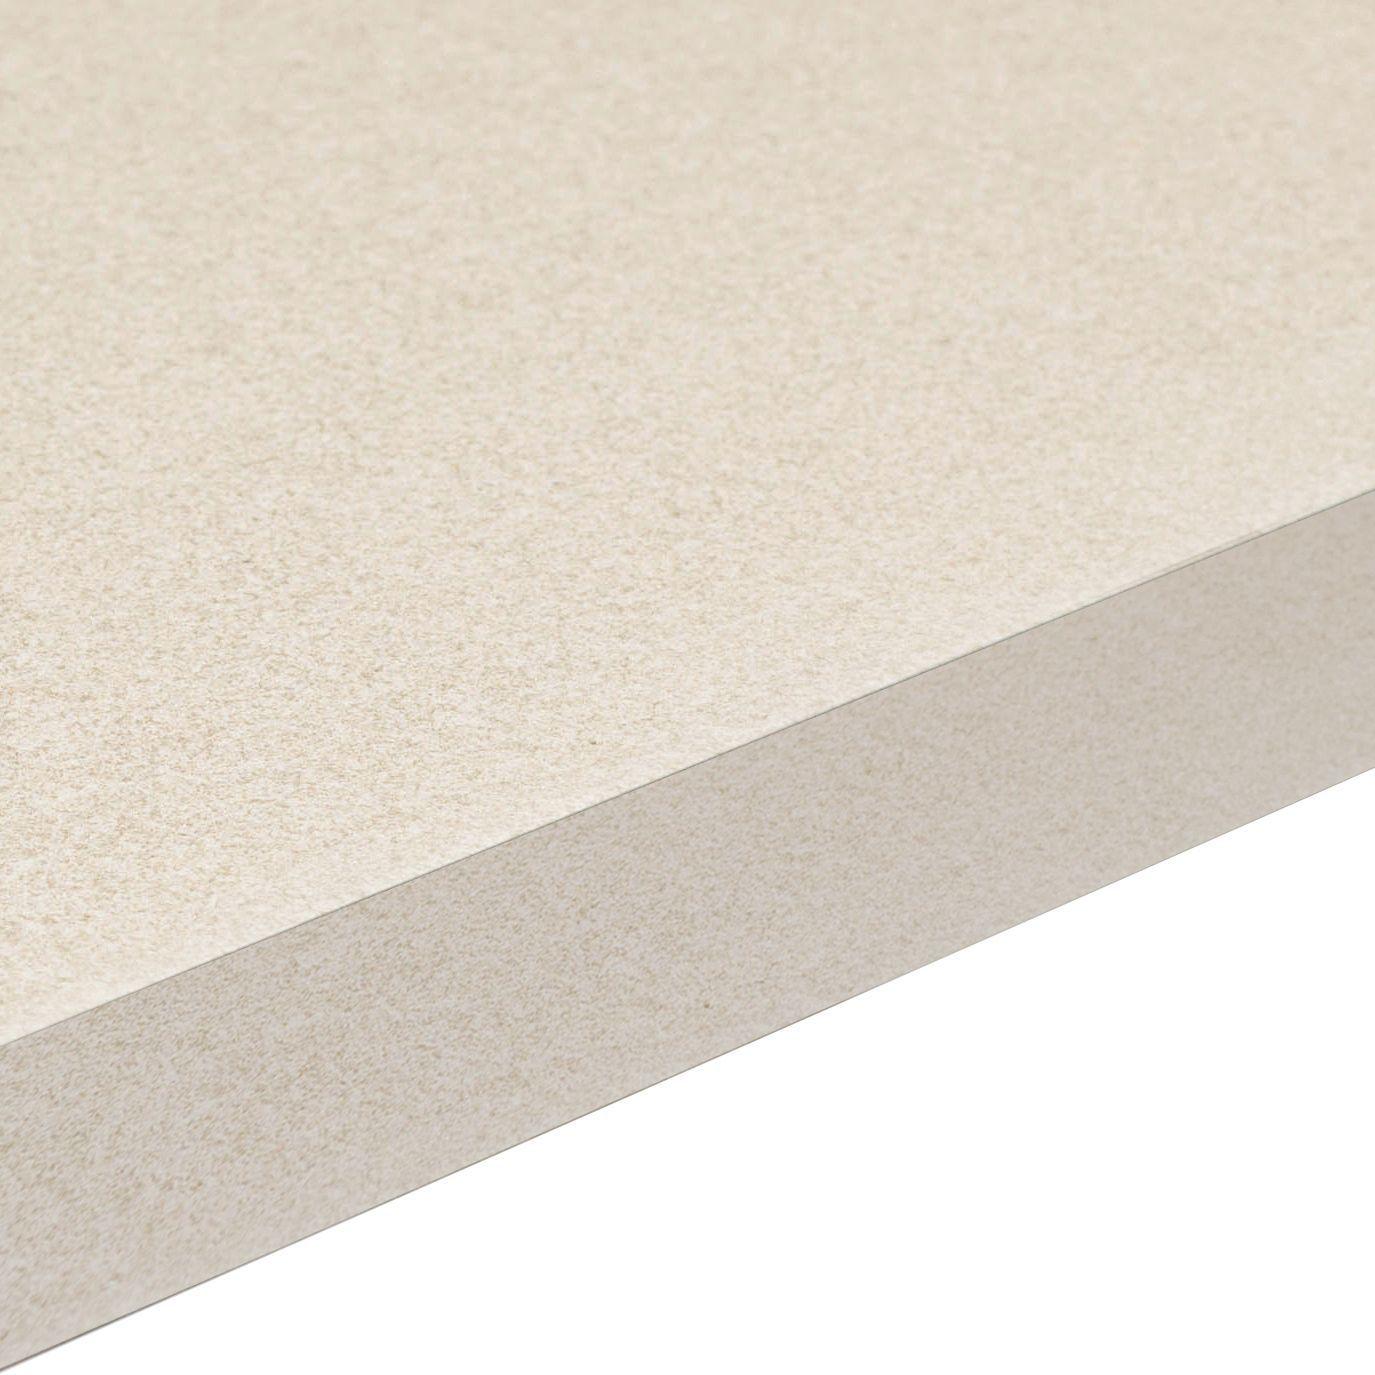 38mm Aura Gloss White Granite effect Laminate Square edge ...